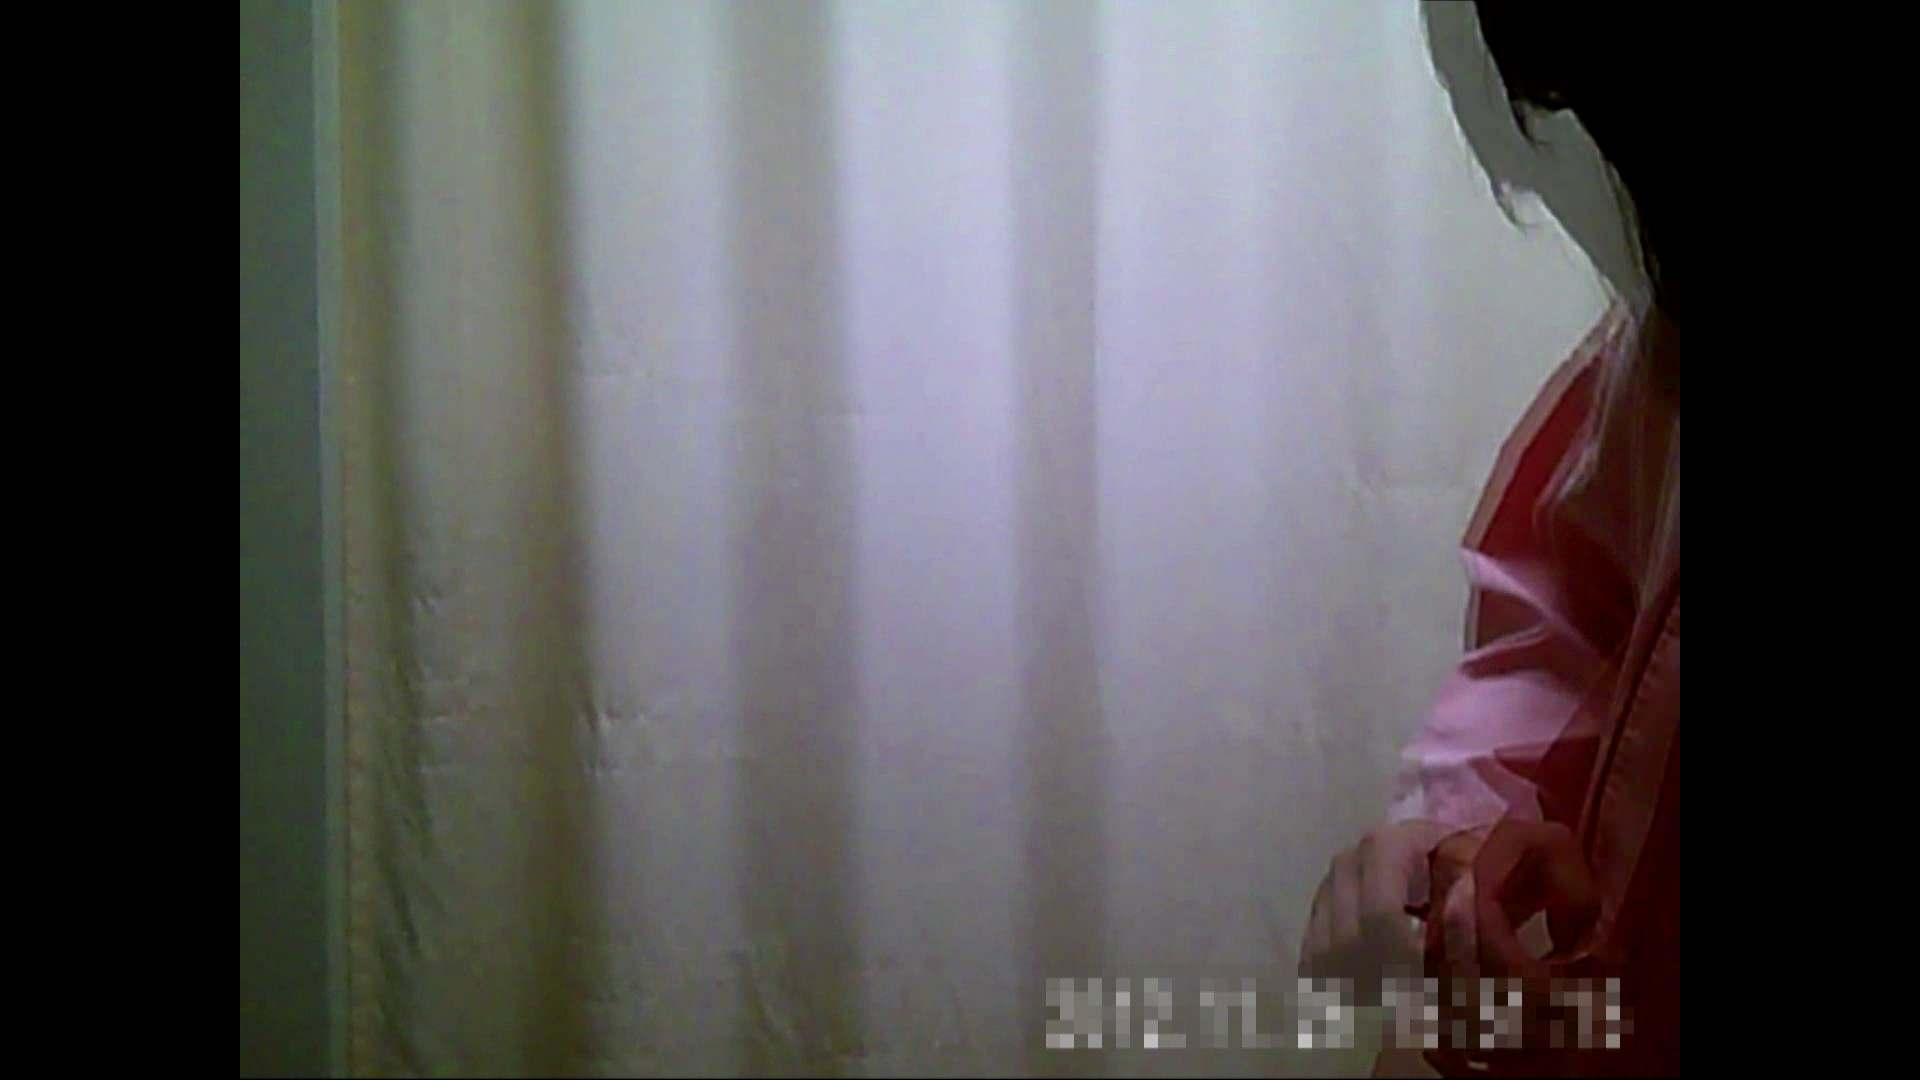 病院おもいっきり着替え! vol.159 着替え 盗撮オマンコ無修正動画無料 106画像 94